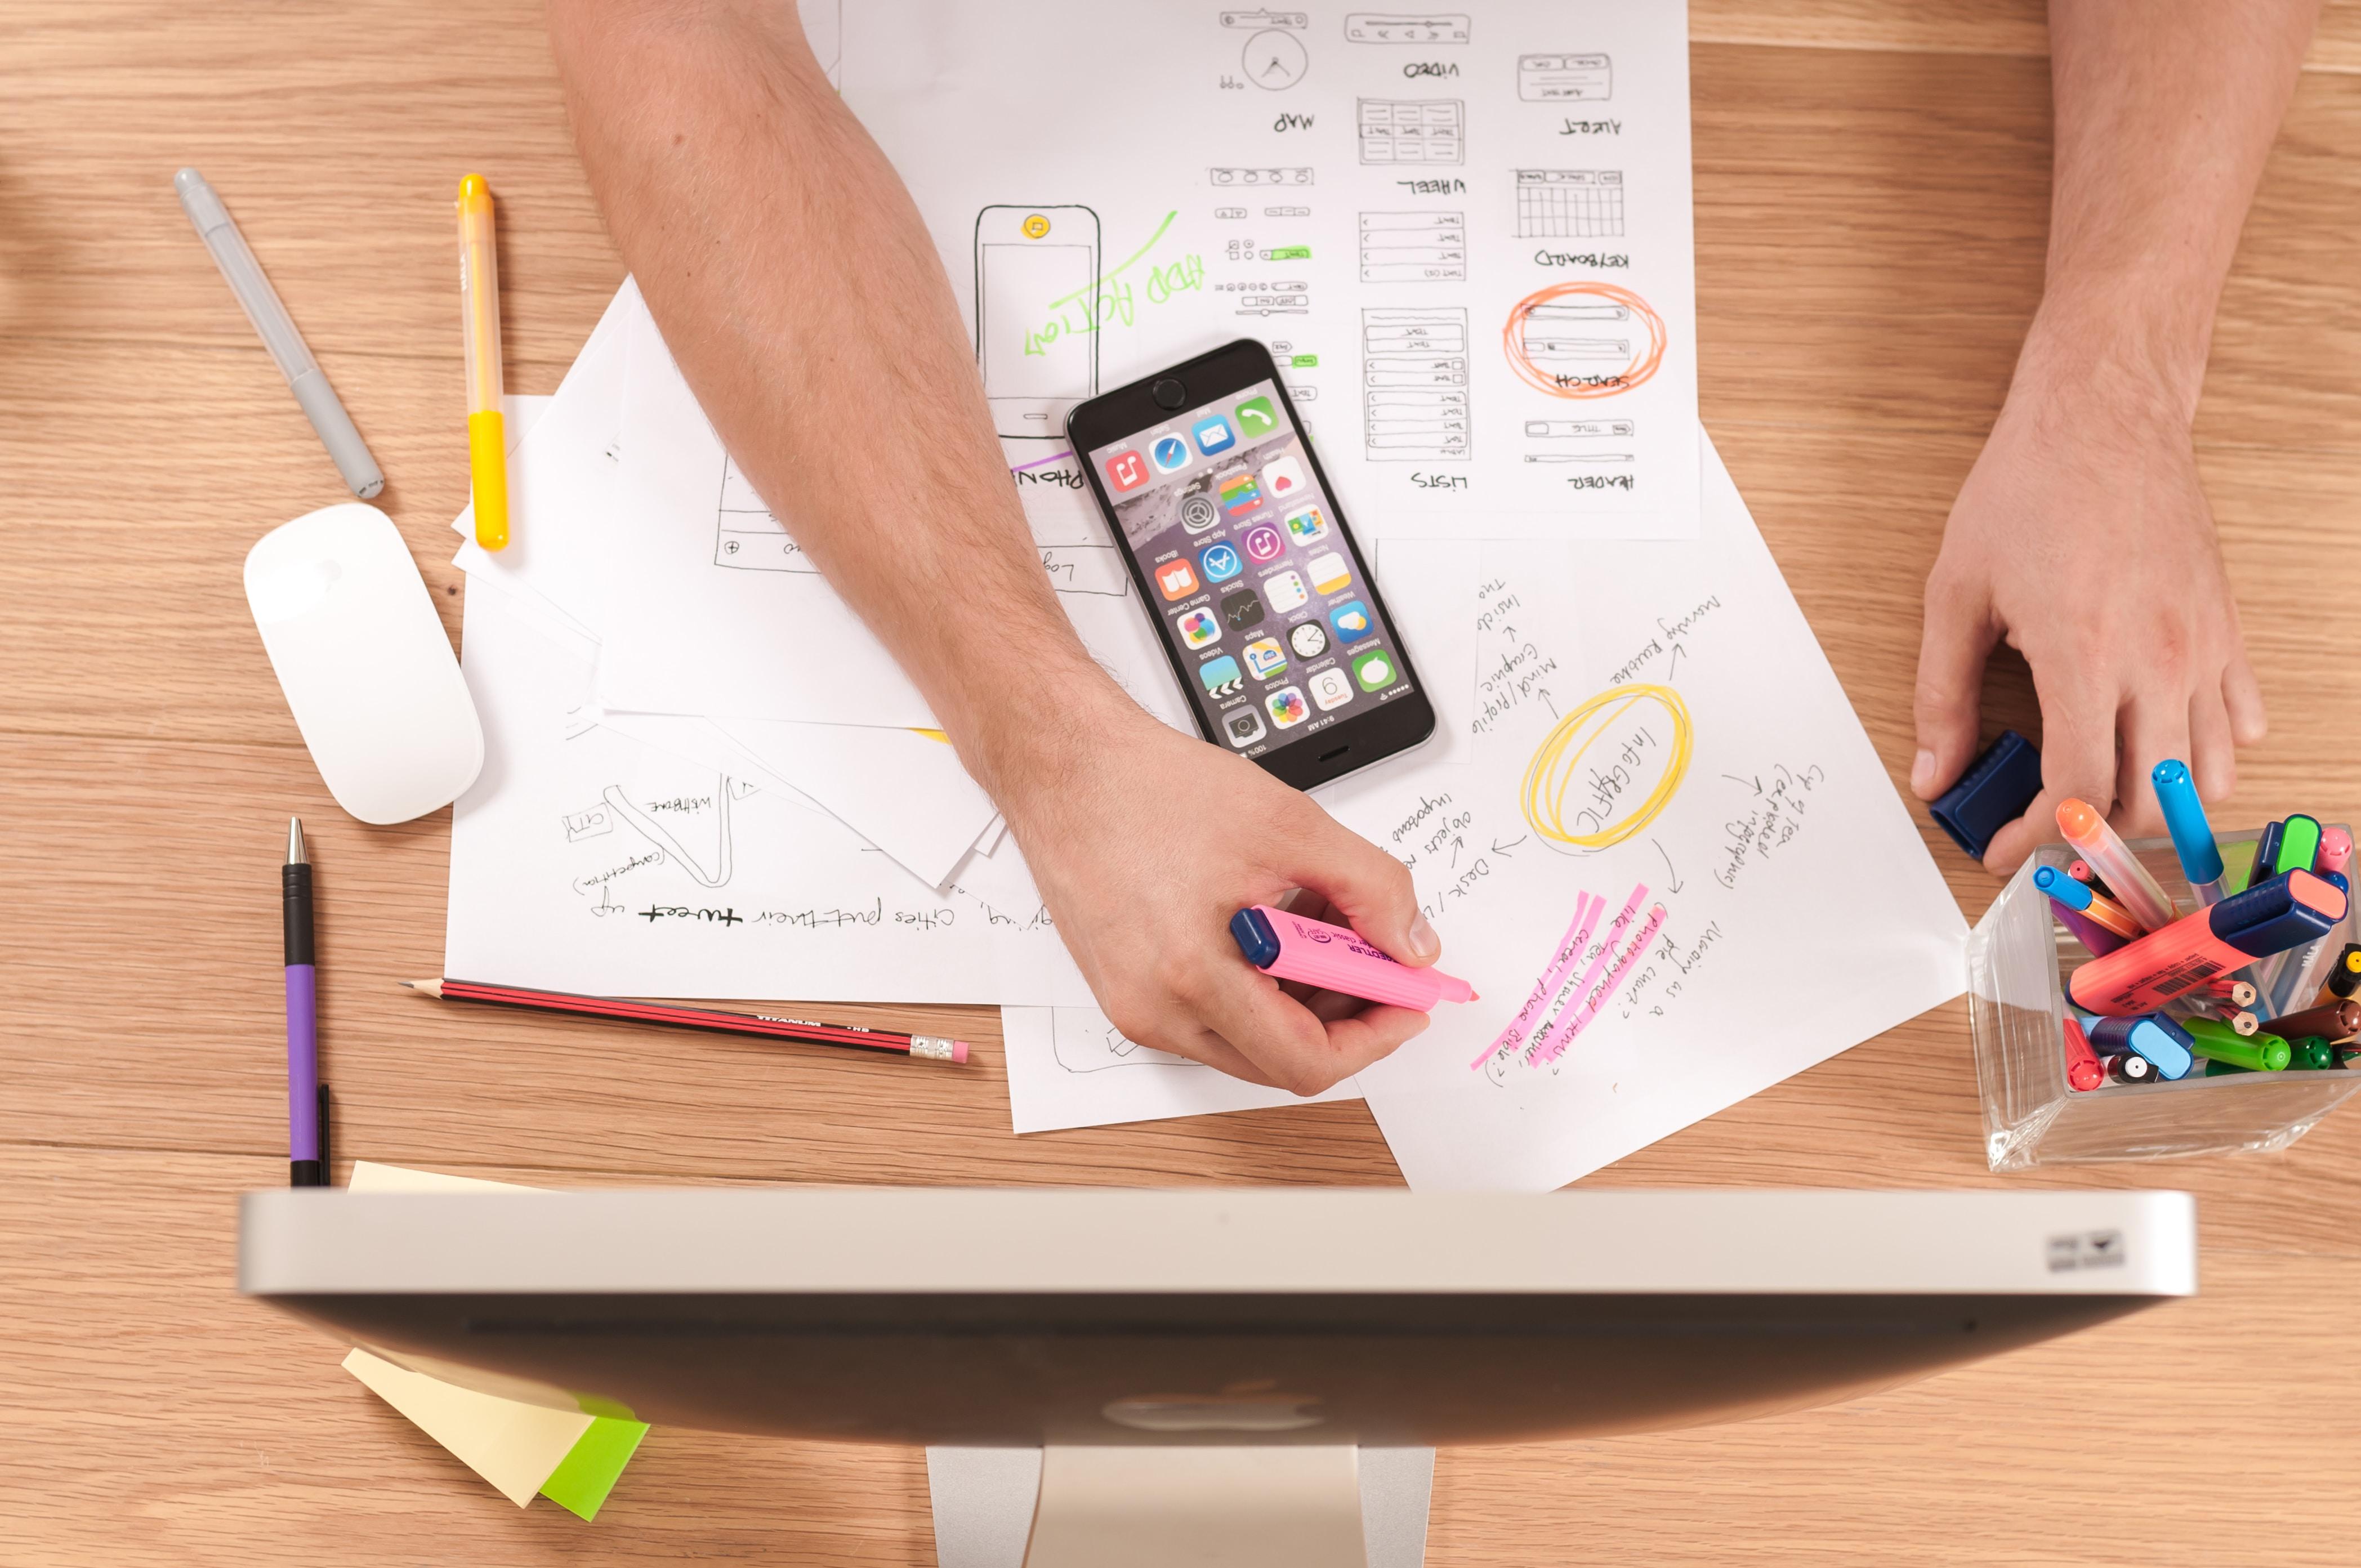 designlab-qa-how-to-master-trending-ux-ui-design-skills